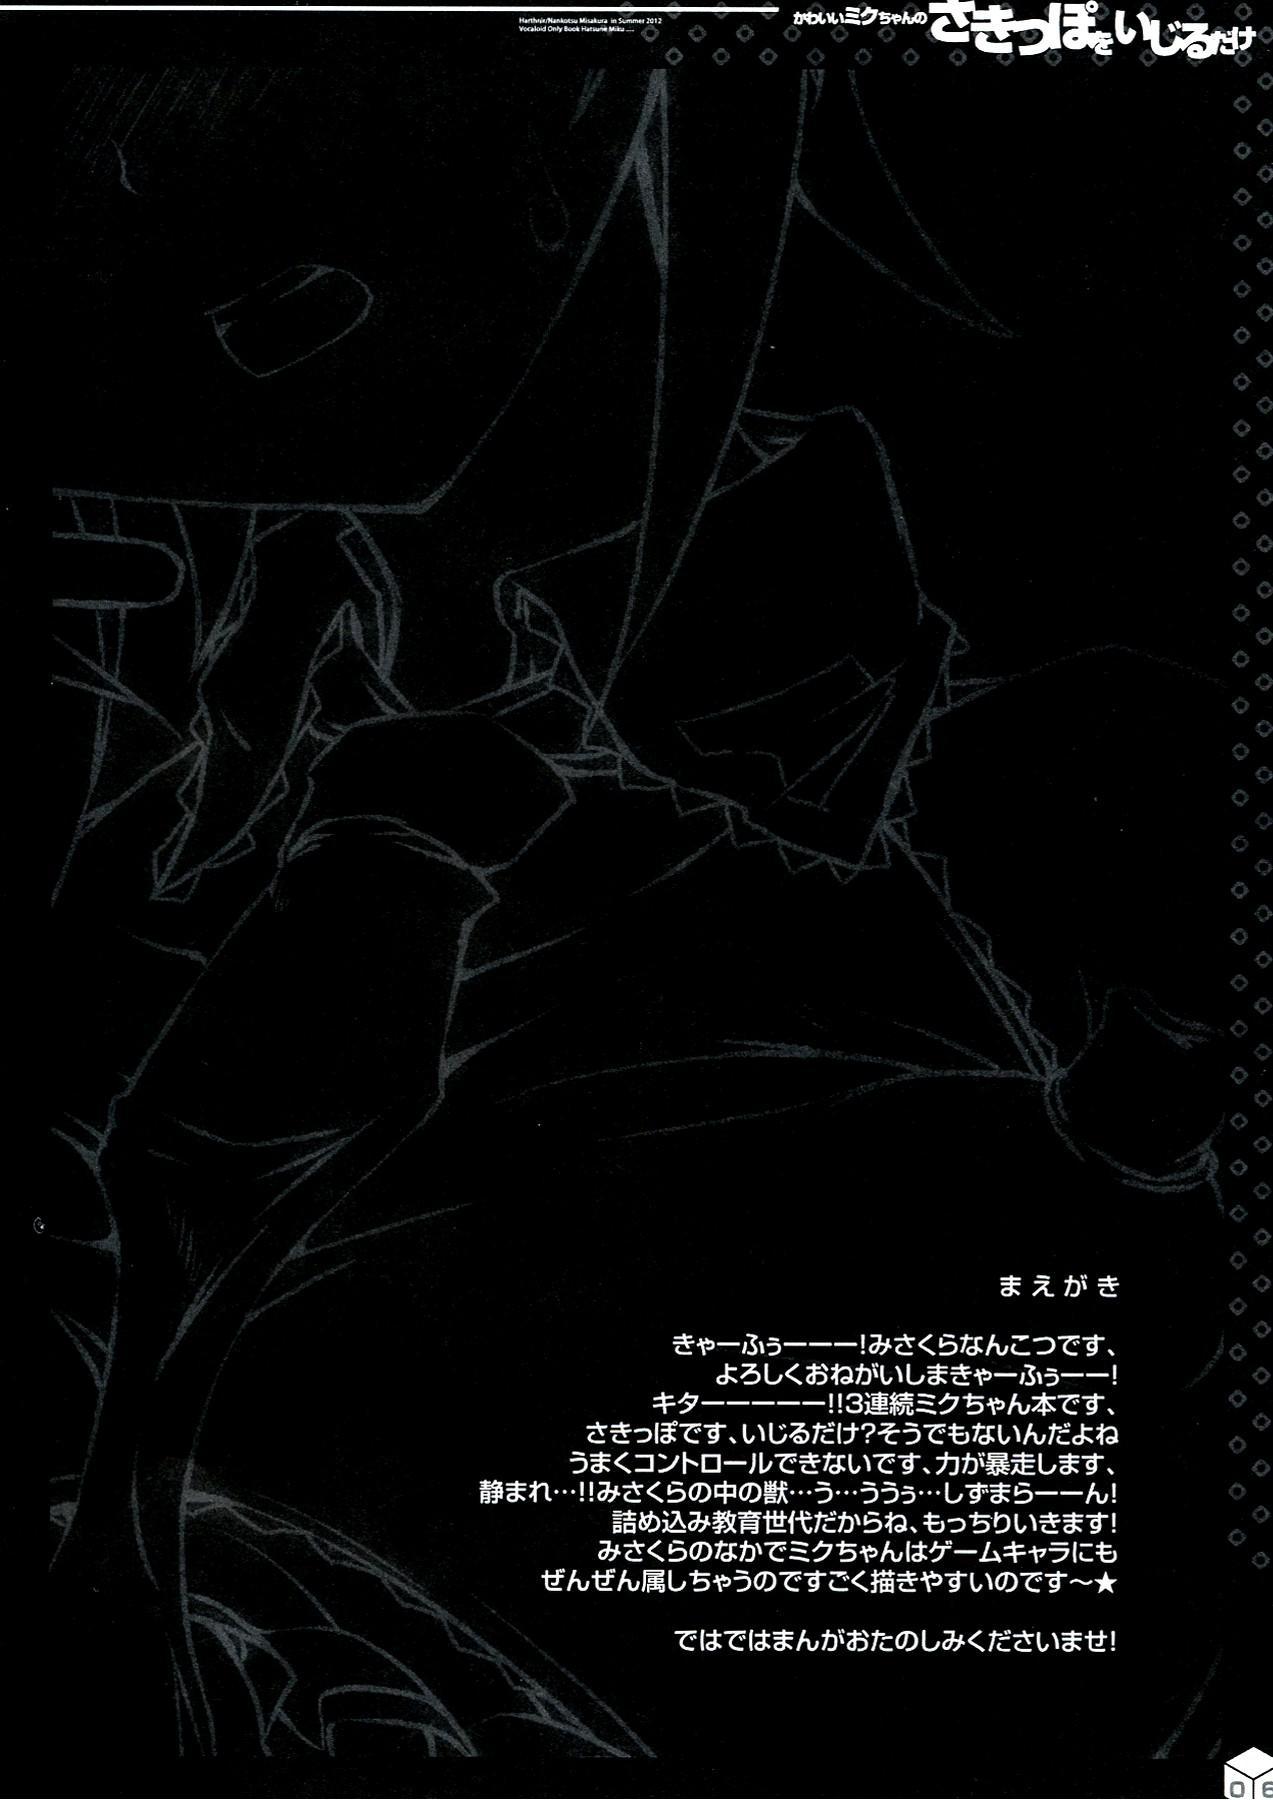 Kawaii Miku-chan no Sakippo wo Ijiru dake ++ 5